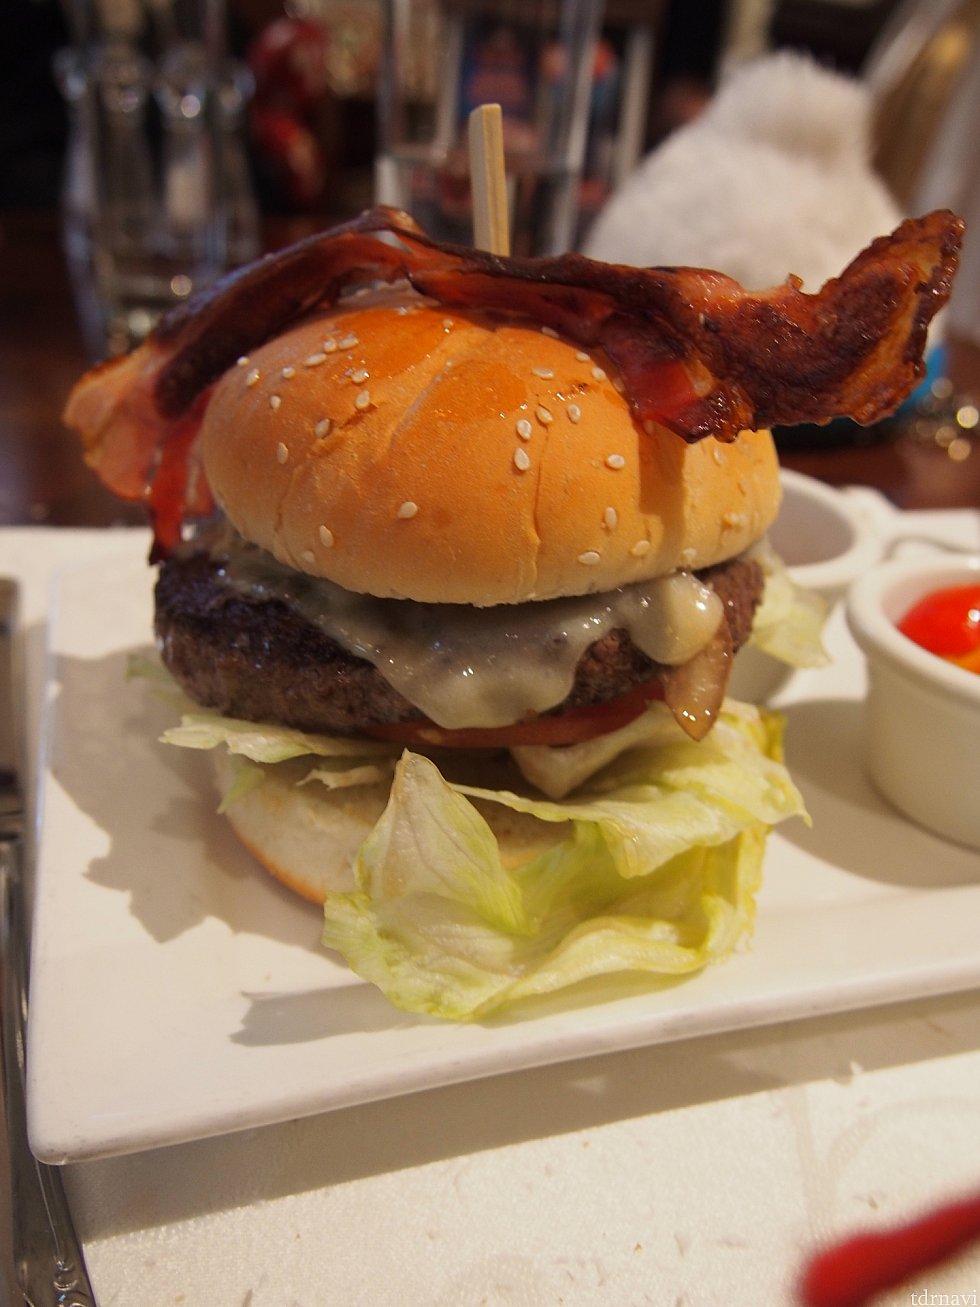 ボリューミーなハンバーガー。肉汁じゅわぁ!ベーコンカリカリ。本当に美味しかったです。ナイフとフォークでいただきます。